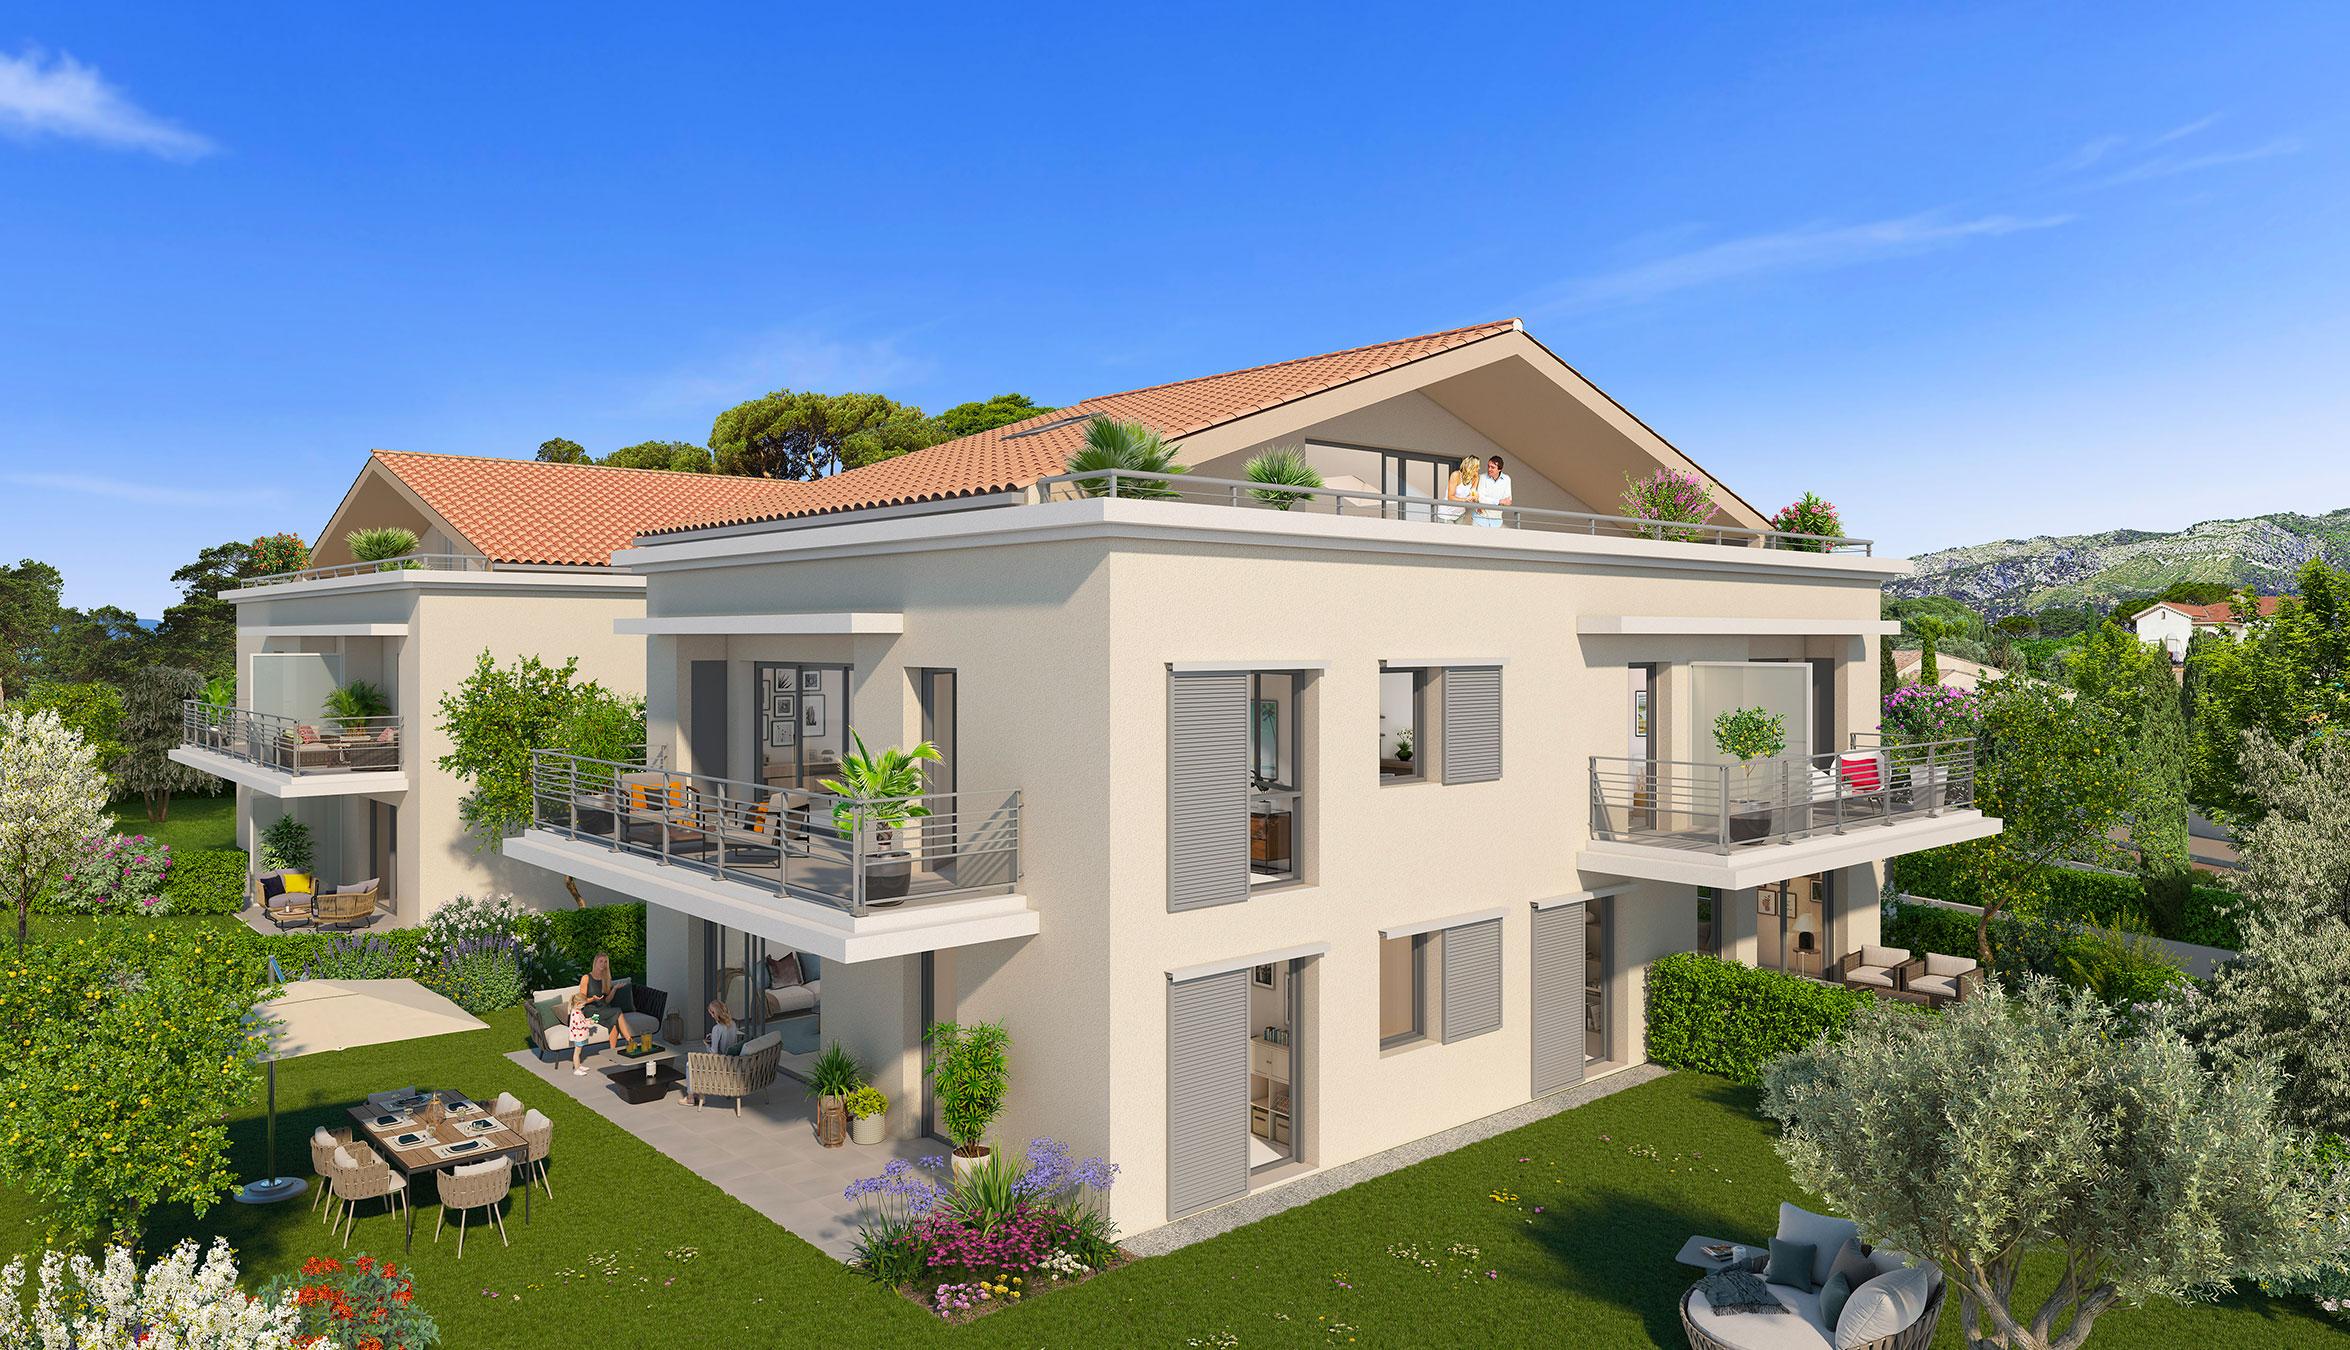 Programme immobilier ALT114 appartement à Toulon (83000) Quartier recherché au Cap Brun